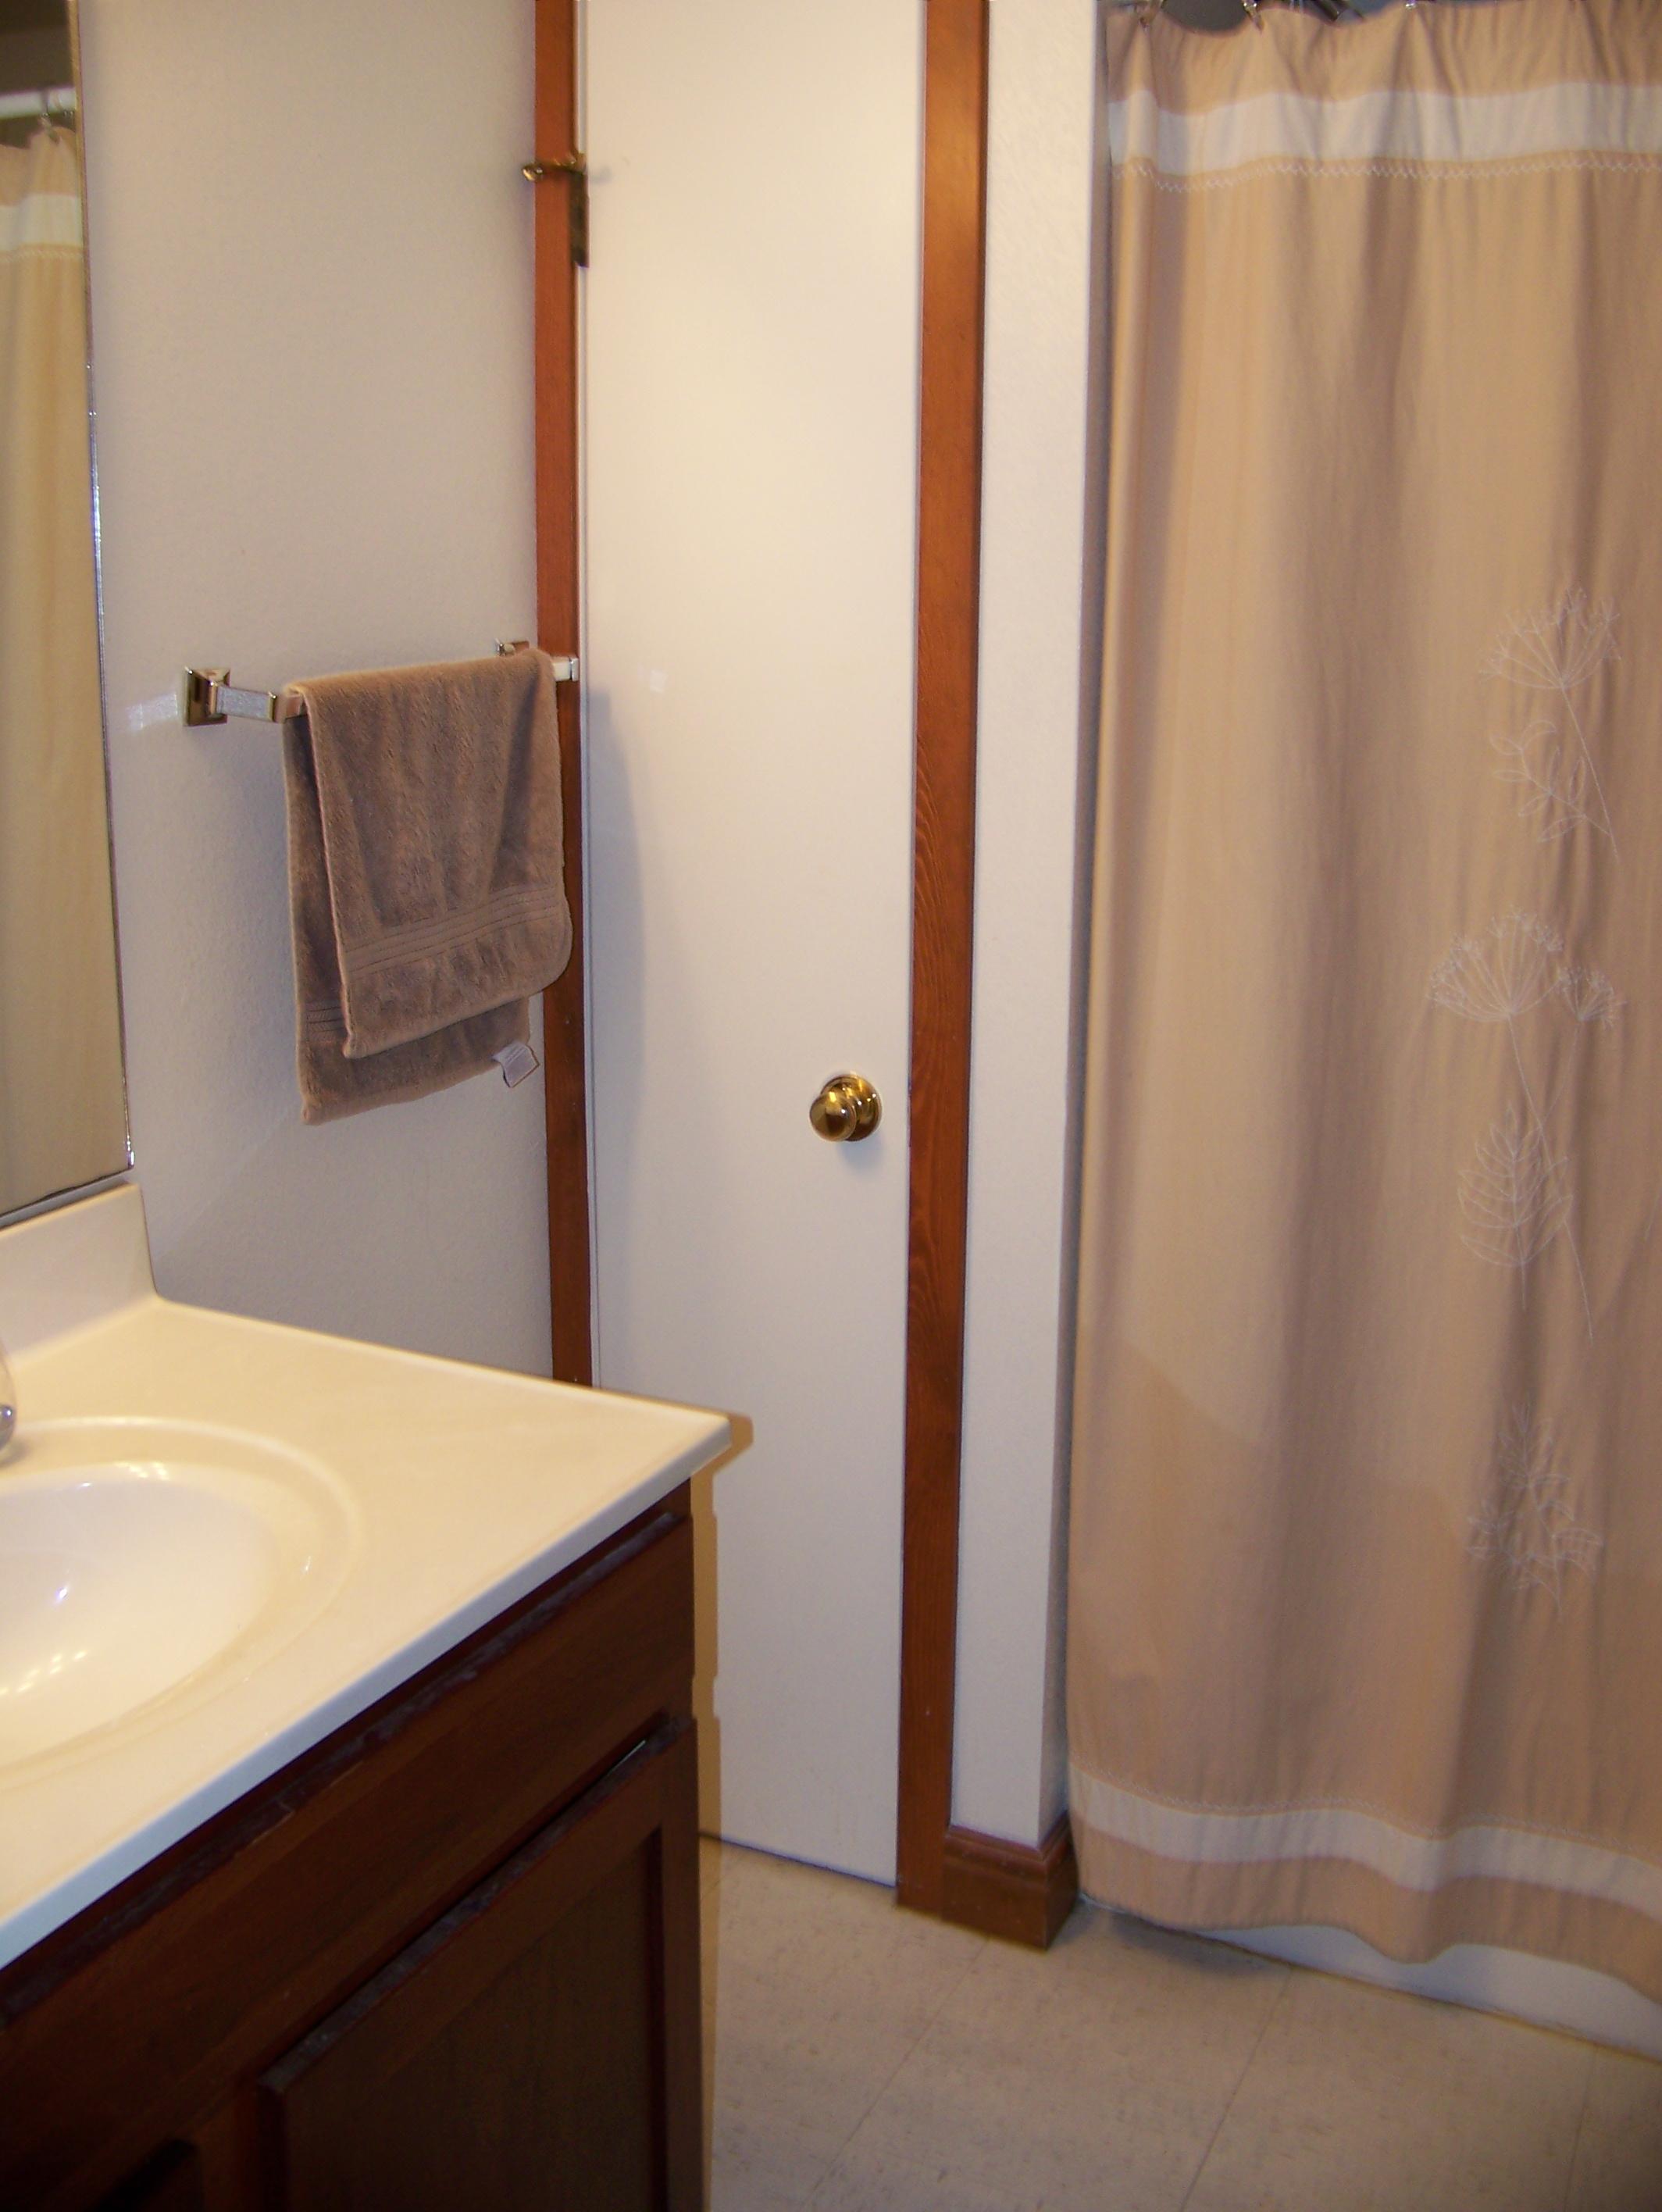 1118 Prairie Du Chien Rd. - 3 Bedroom - J & J Real Estate